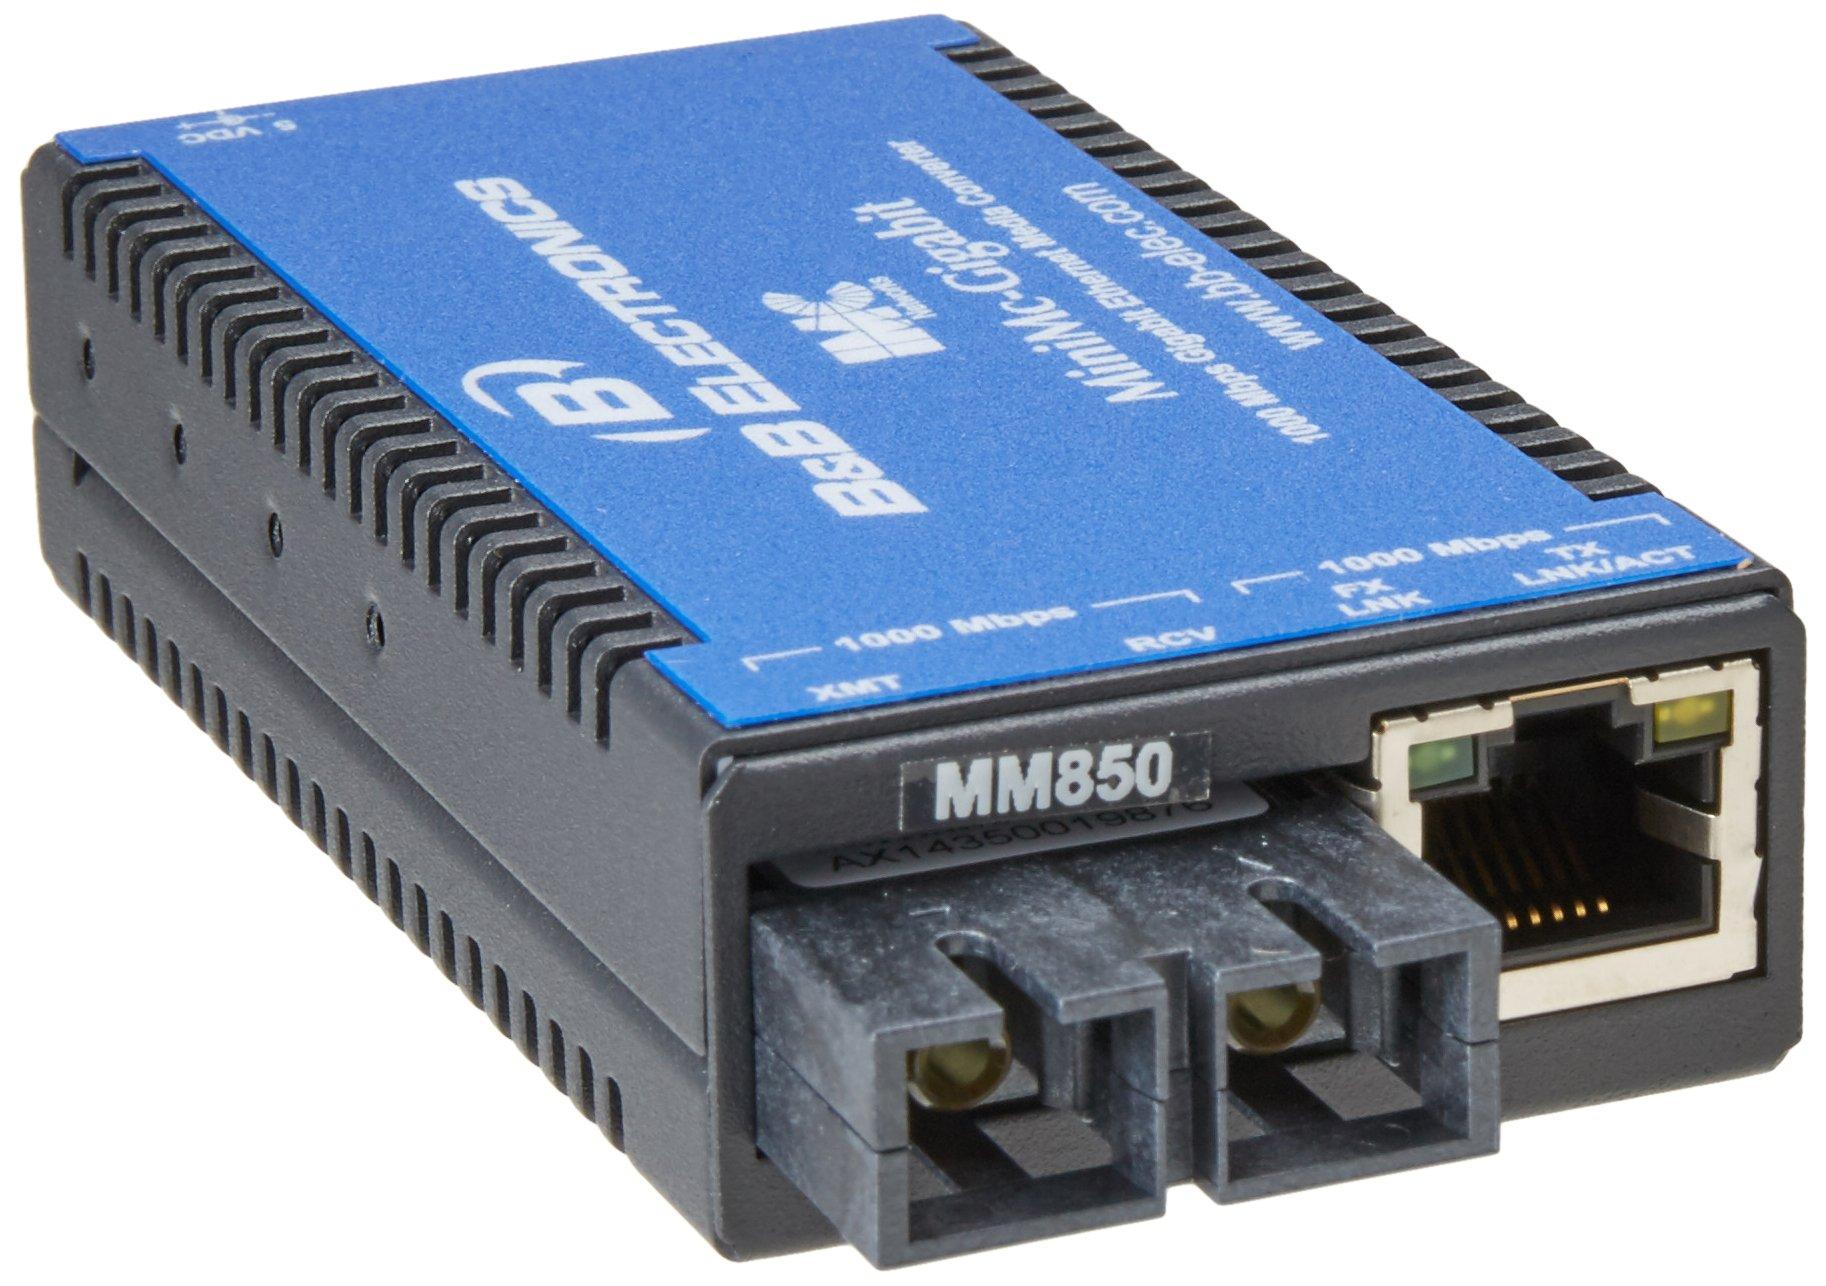 Minimc-gigabit TX/SX-MM850-SC 300M 1000MB COPPER/1000MB Fiber